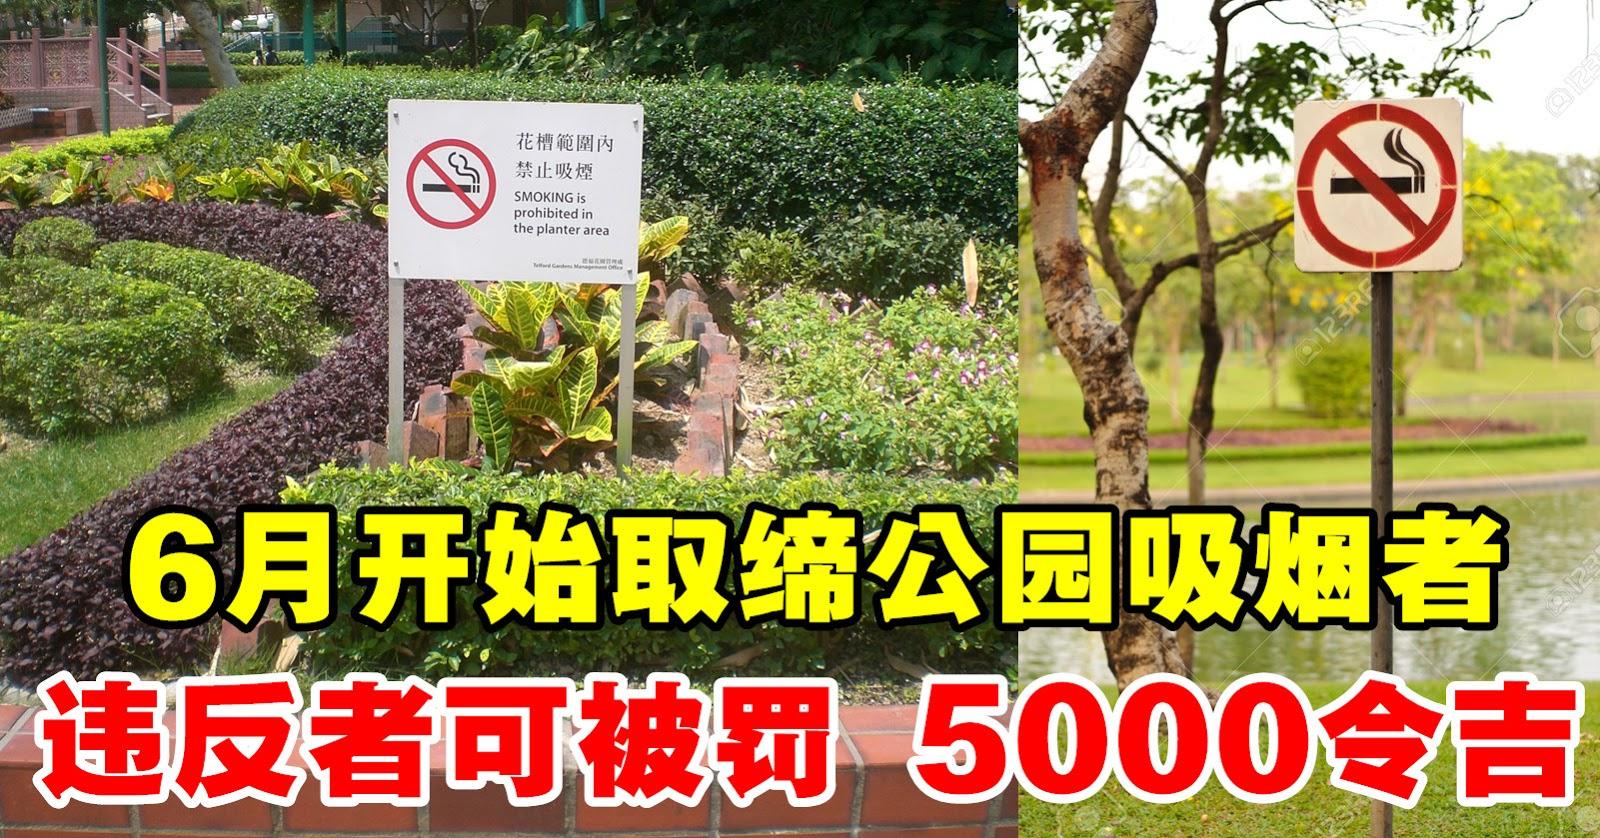 6月开始取缔公园吸烟者,违反者可被罚 5000令吉